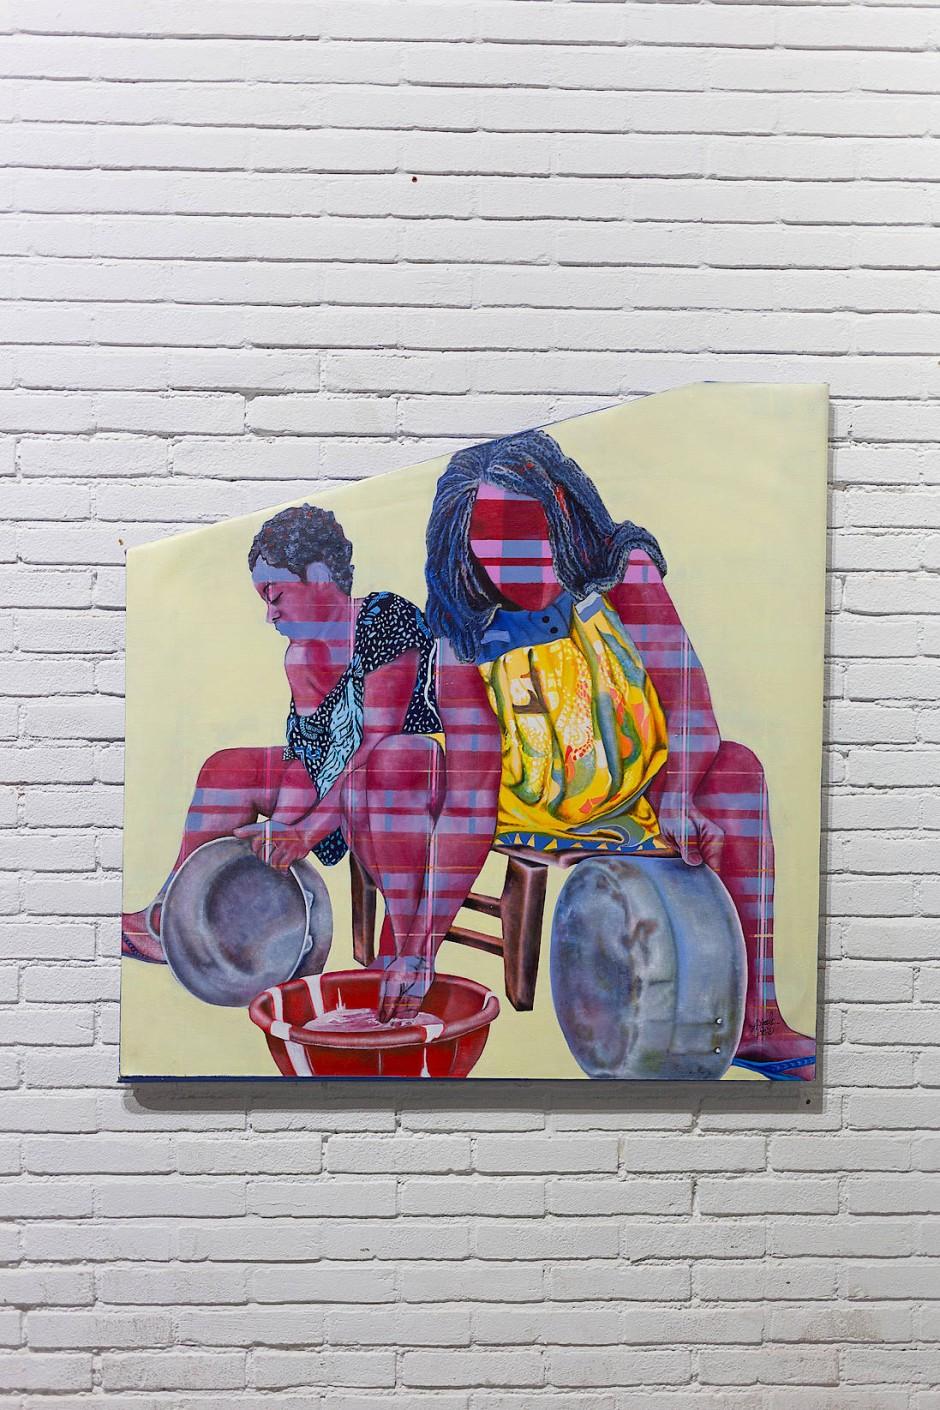 Vom Tellerwäscher zum Pfannenwäscher: In triefender Ironie überzieht die Malerin Alida Ymele aus Kamerun die von ihr porträtierten waschenden und putzenden Frauen mit dem Raster der Moderne.